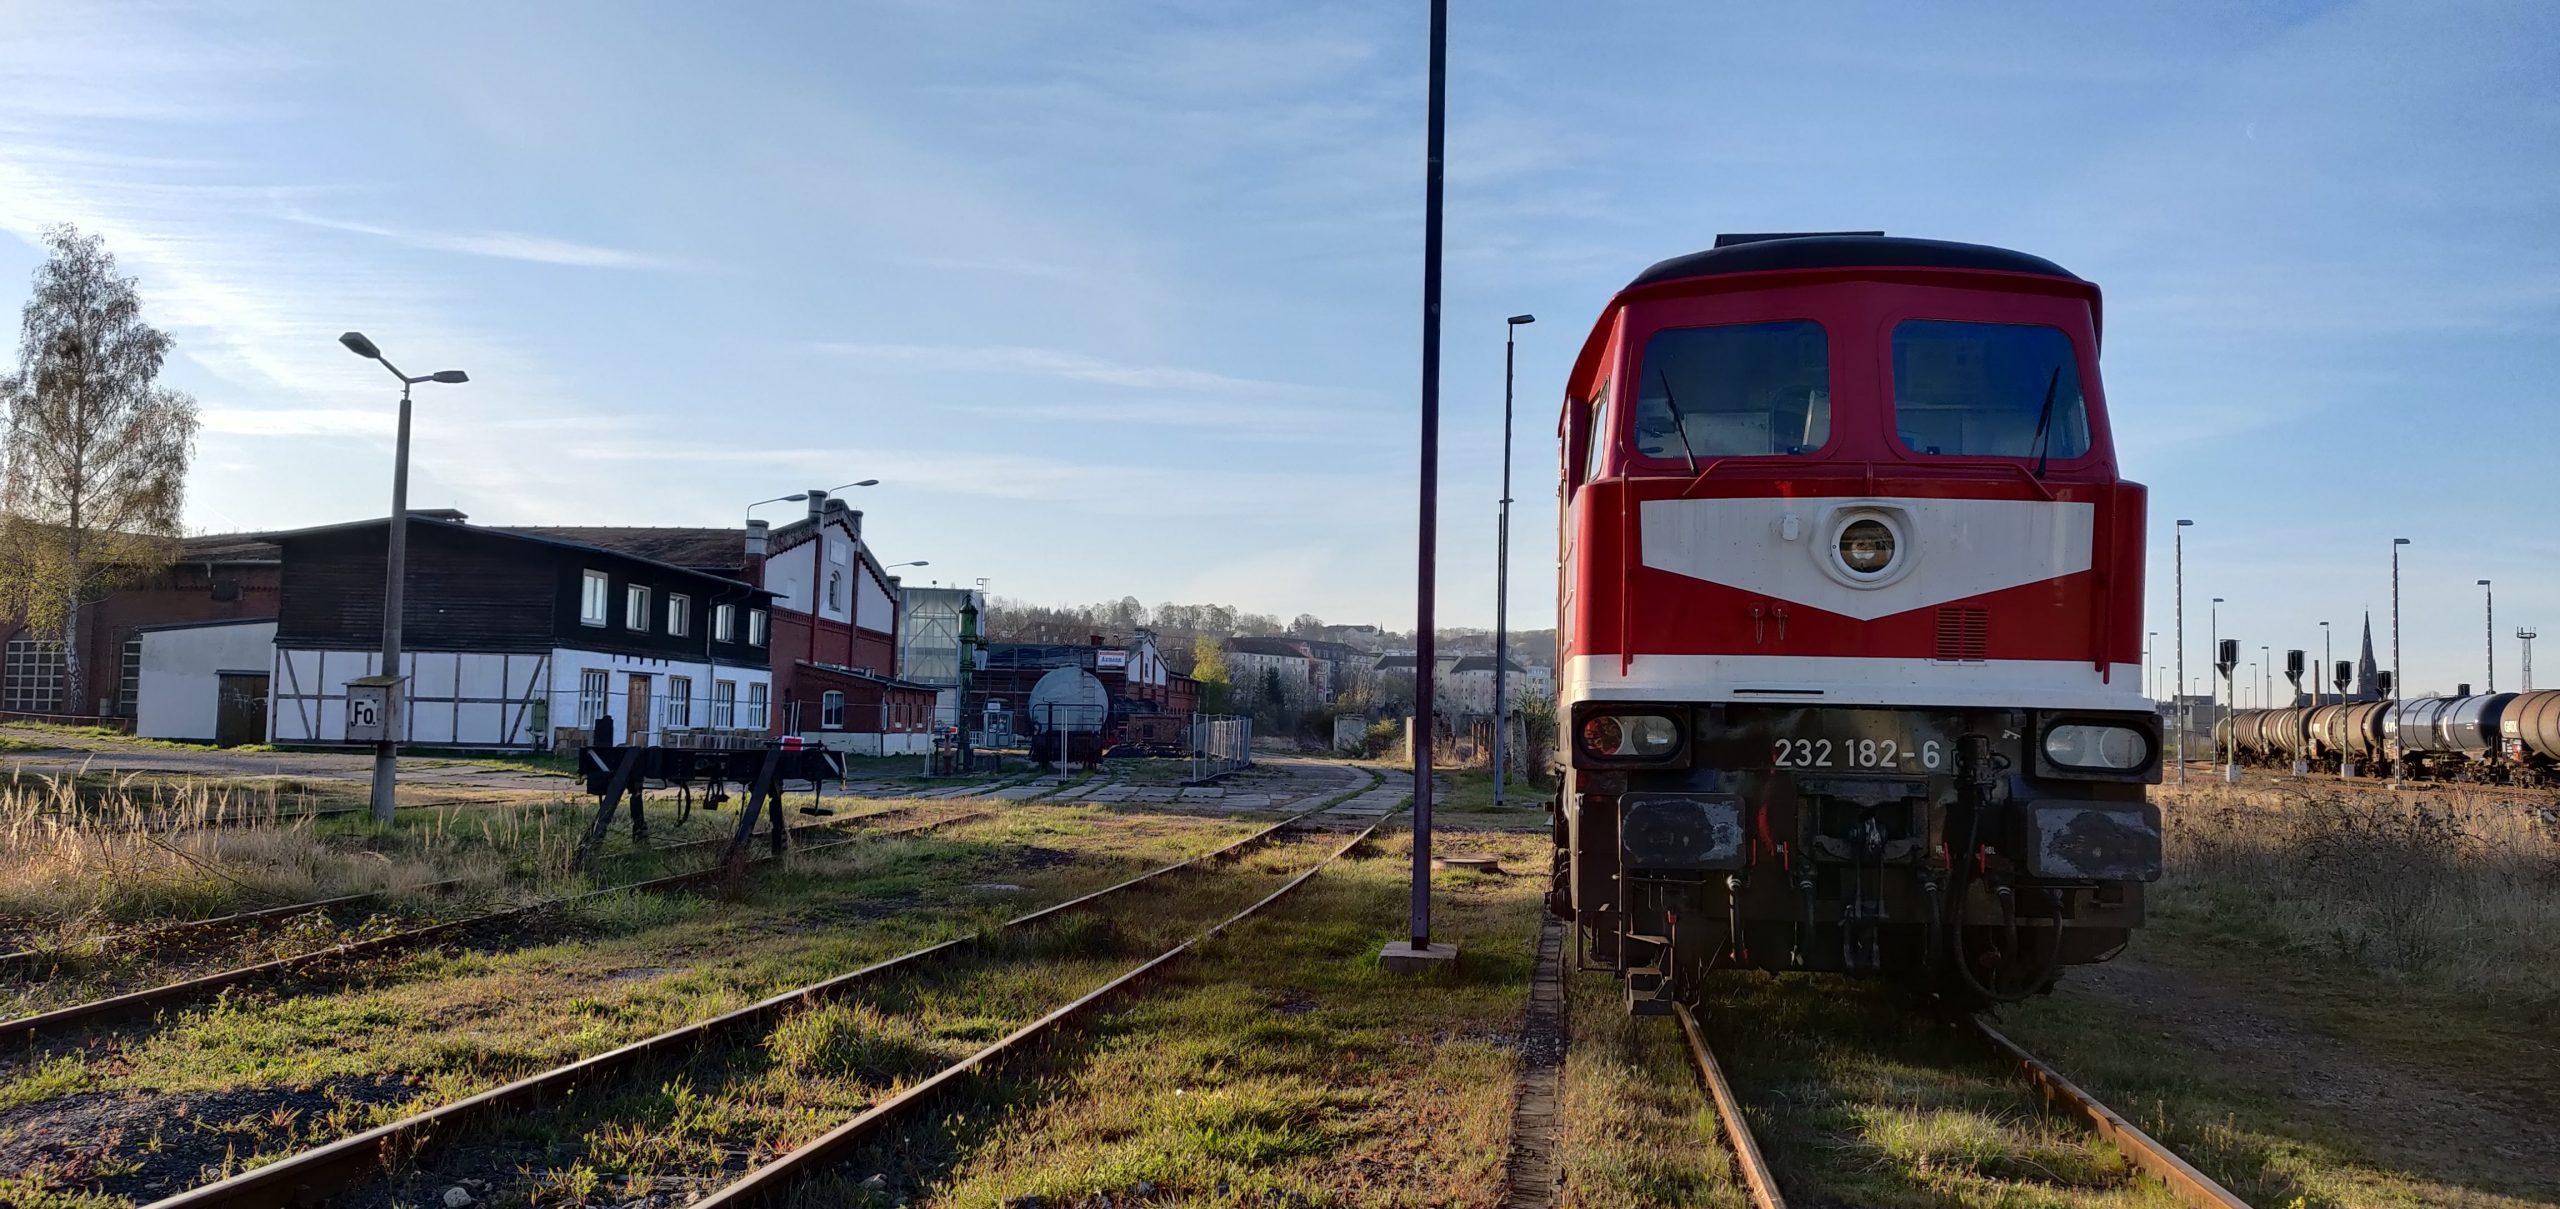 ©Foto: Christian Wörpel   railmen   Die BR232 182-6 in Gera Gbf am Museum Gera.Die Lok wurde 1975 an die DR ausgeliefert und lief bis 2009 bei DB Cargo bis sie Z-gestellt wurde. 2014 kaufte die LEG die Lok und arbeitet sie wieder auf. Seitdem ist sie im Raum Leipzig wieder unterwegs.